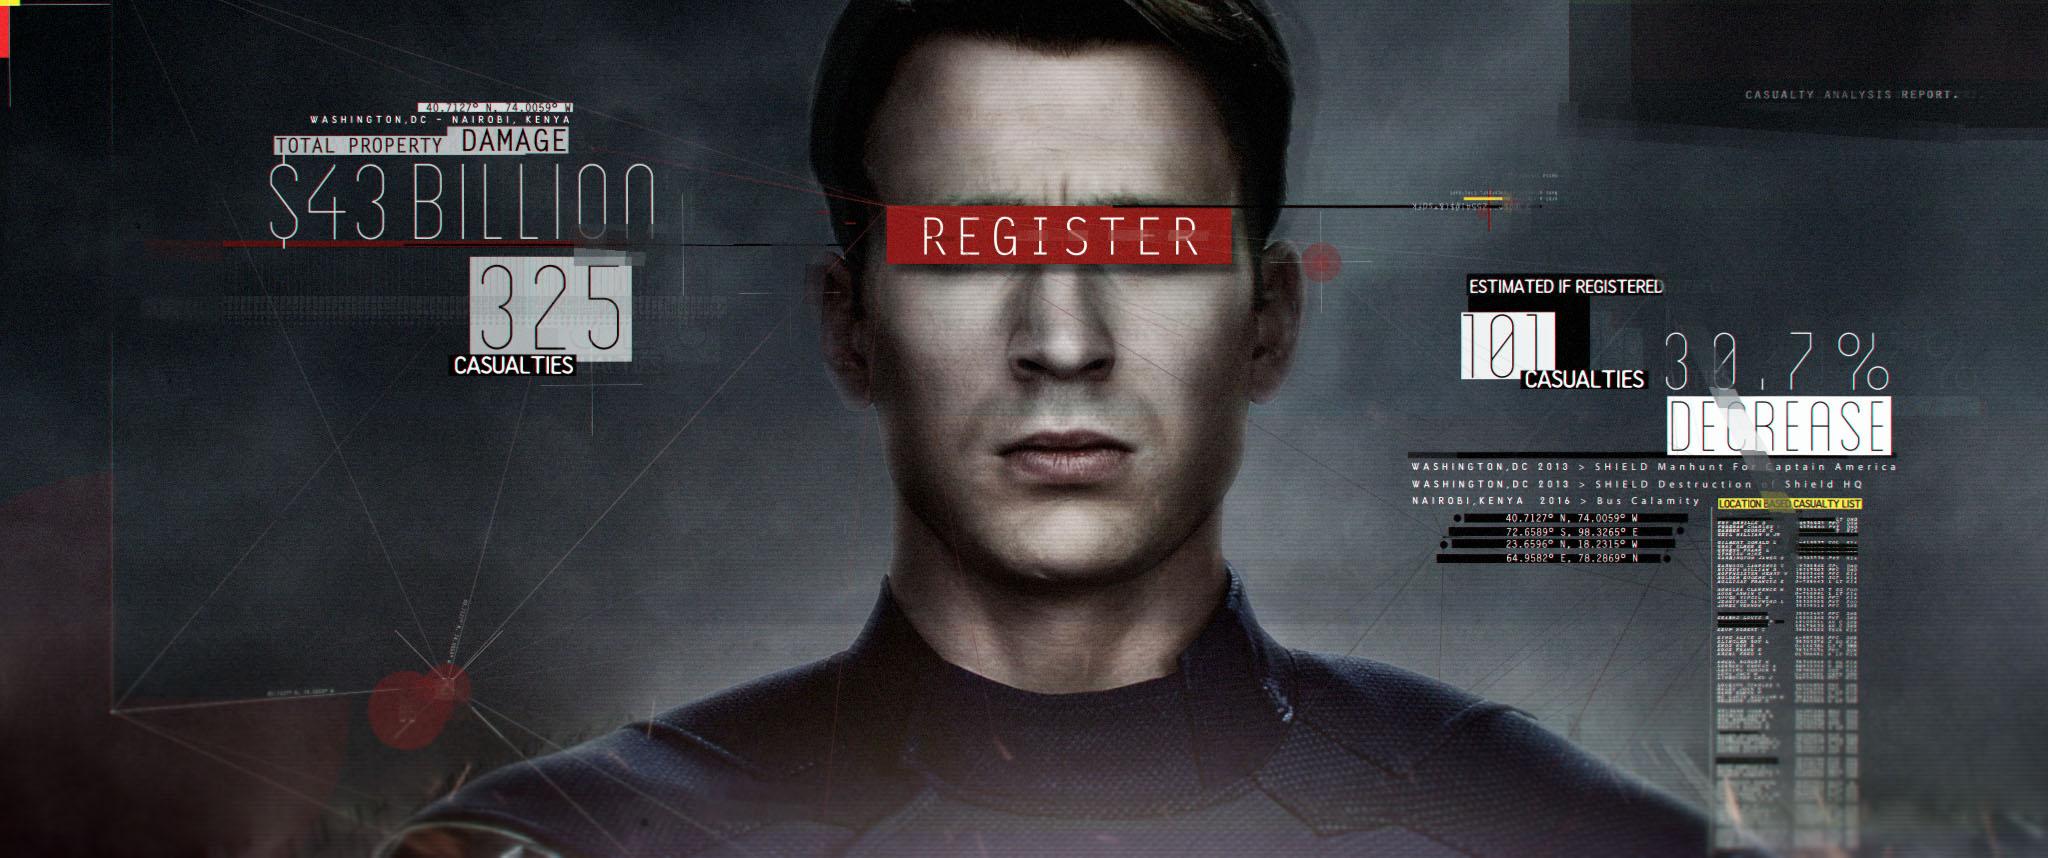 CAP_Register_v03.jpg